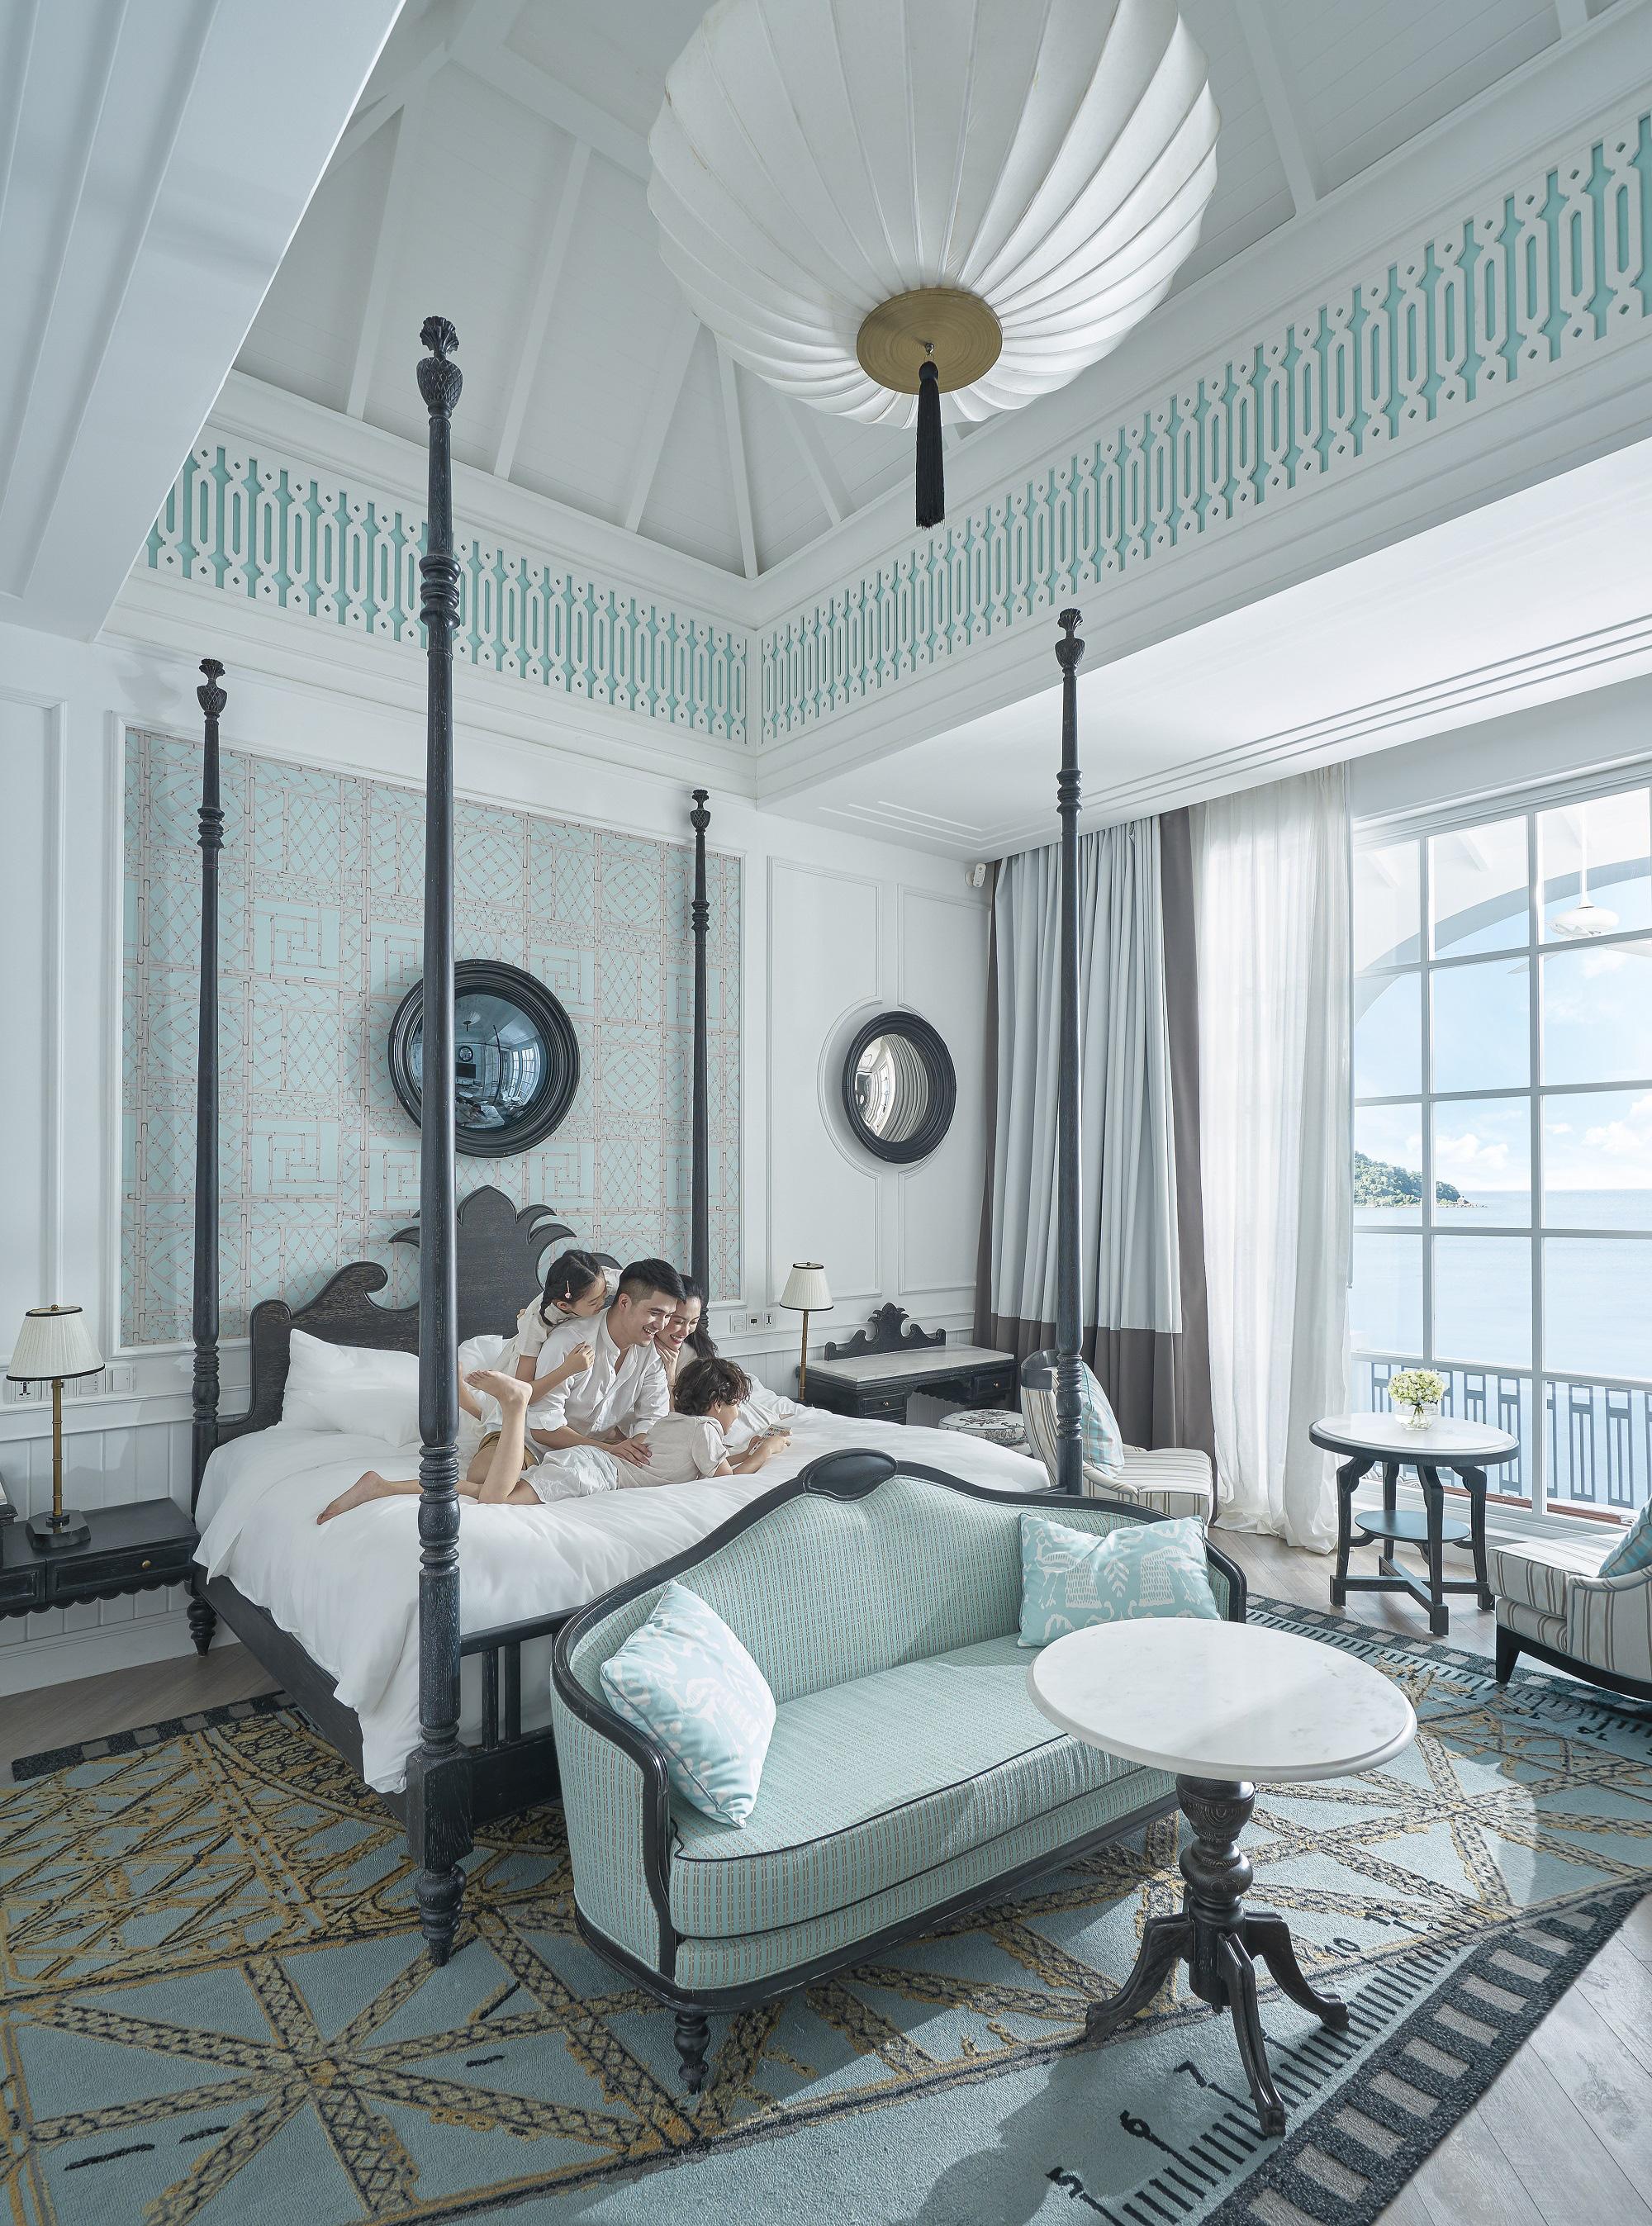 Marriott ban 7 điều ước cho du khách giúp biến ước mơ thành hiện thực tại Việt Nam - Ảnh 4.